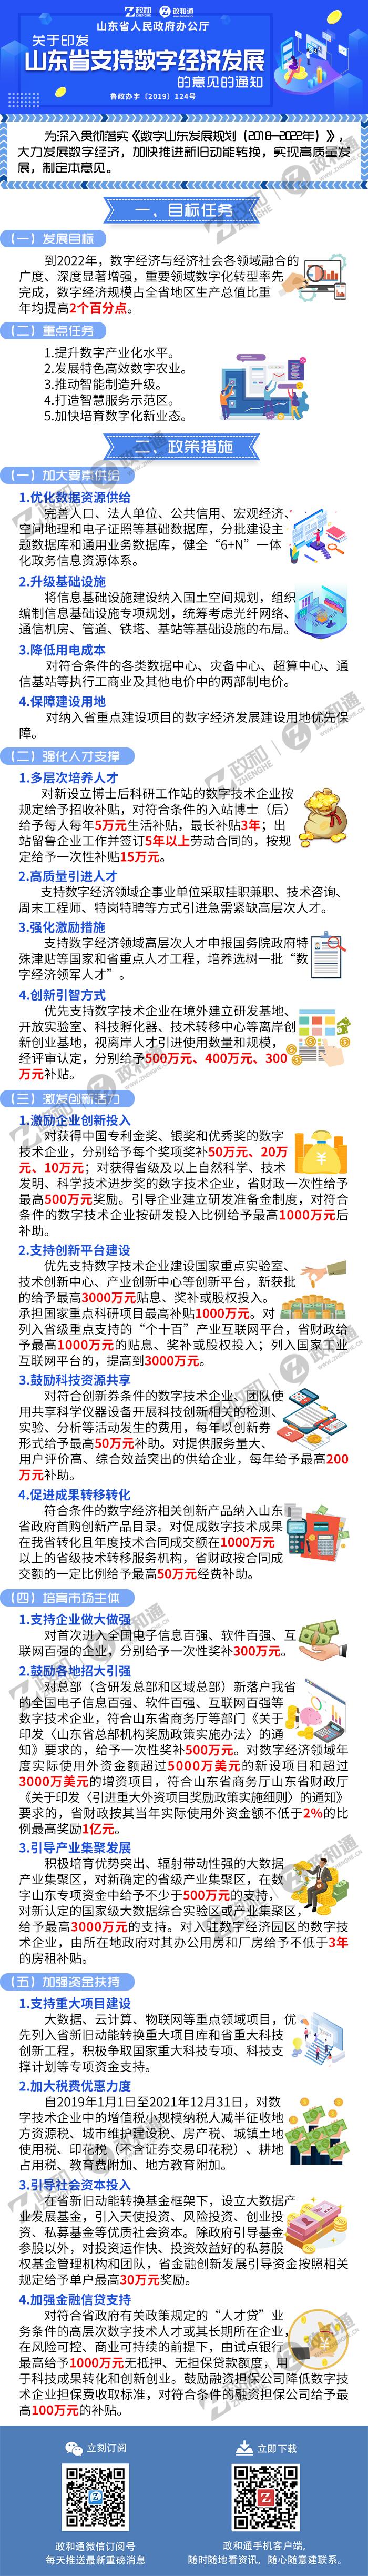 yi山東省支持數字經濟發展.jpg